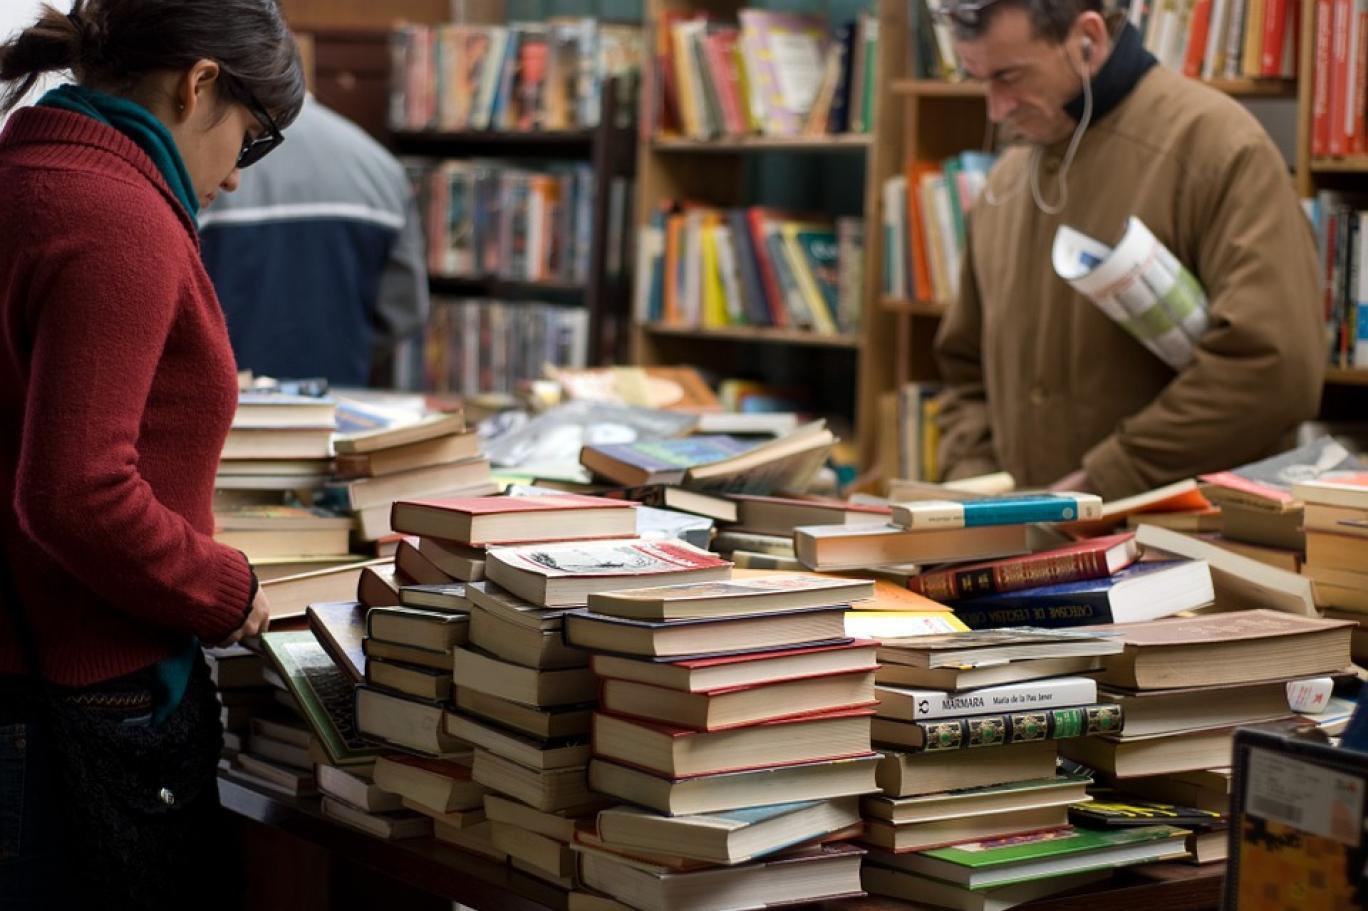 Hepsiburada geçen yıl 3 milyon kitap sattı